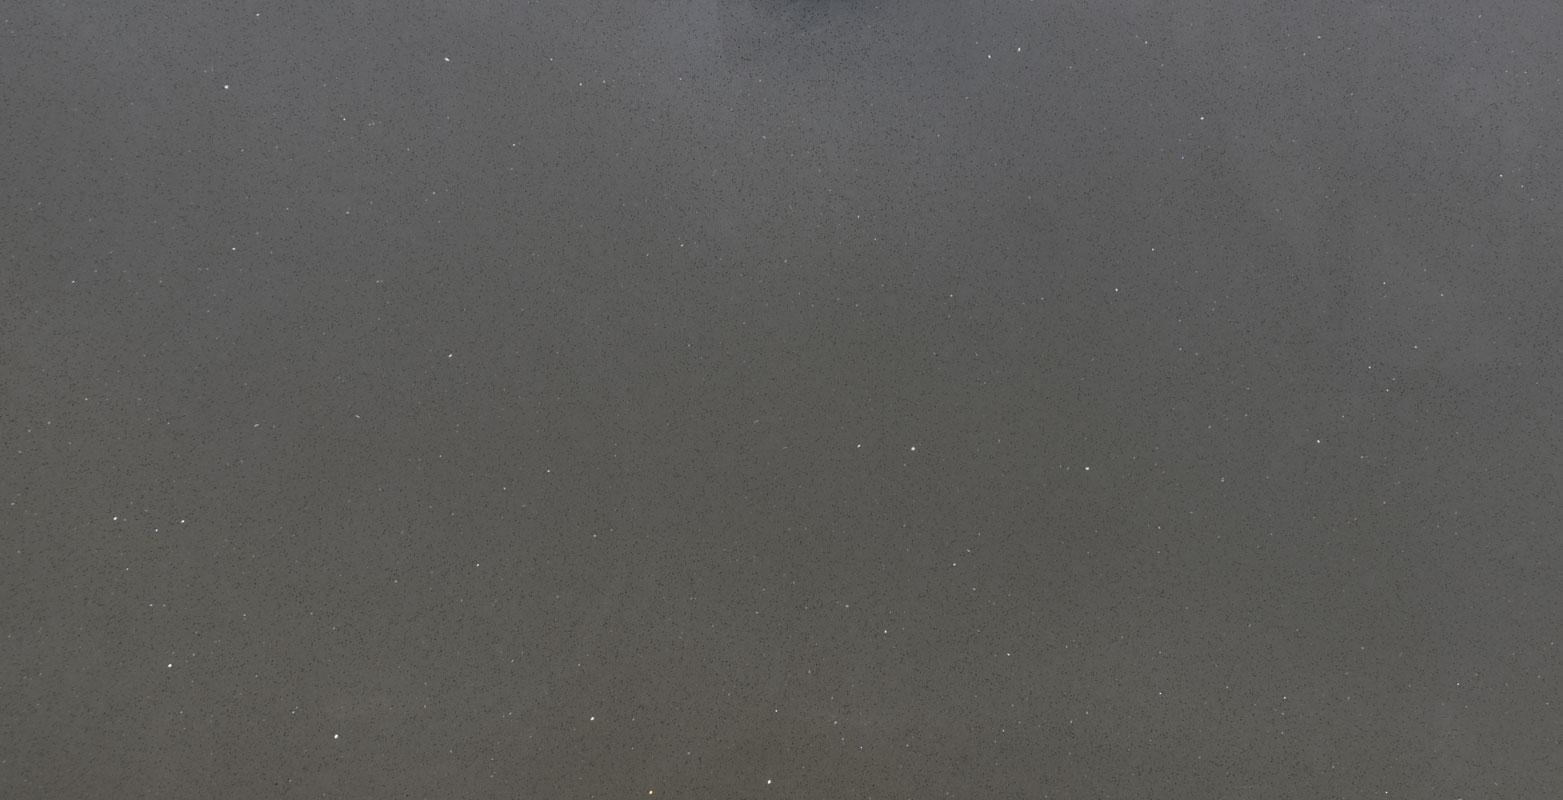 aLPHA qUARTZ - Sparkle Grey